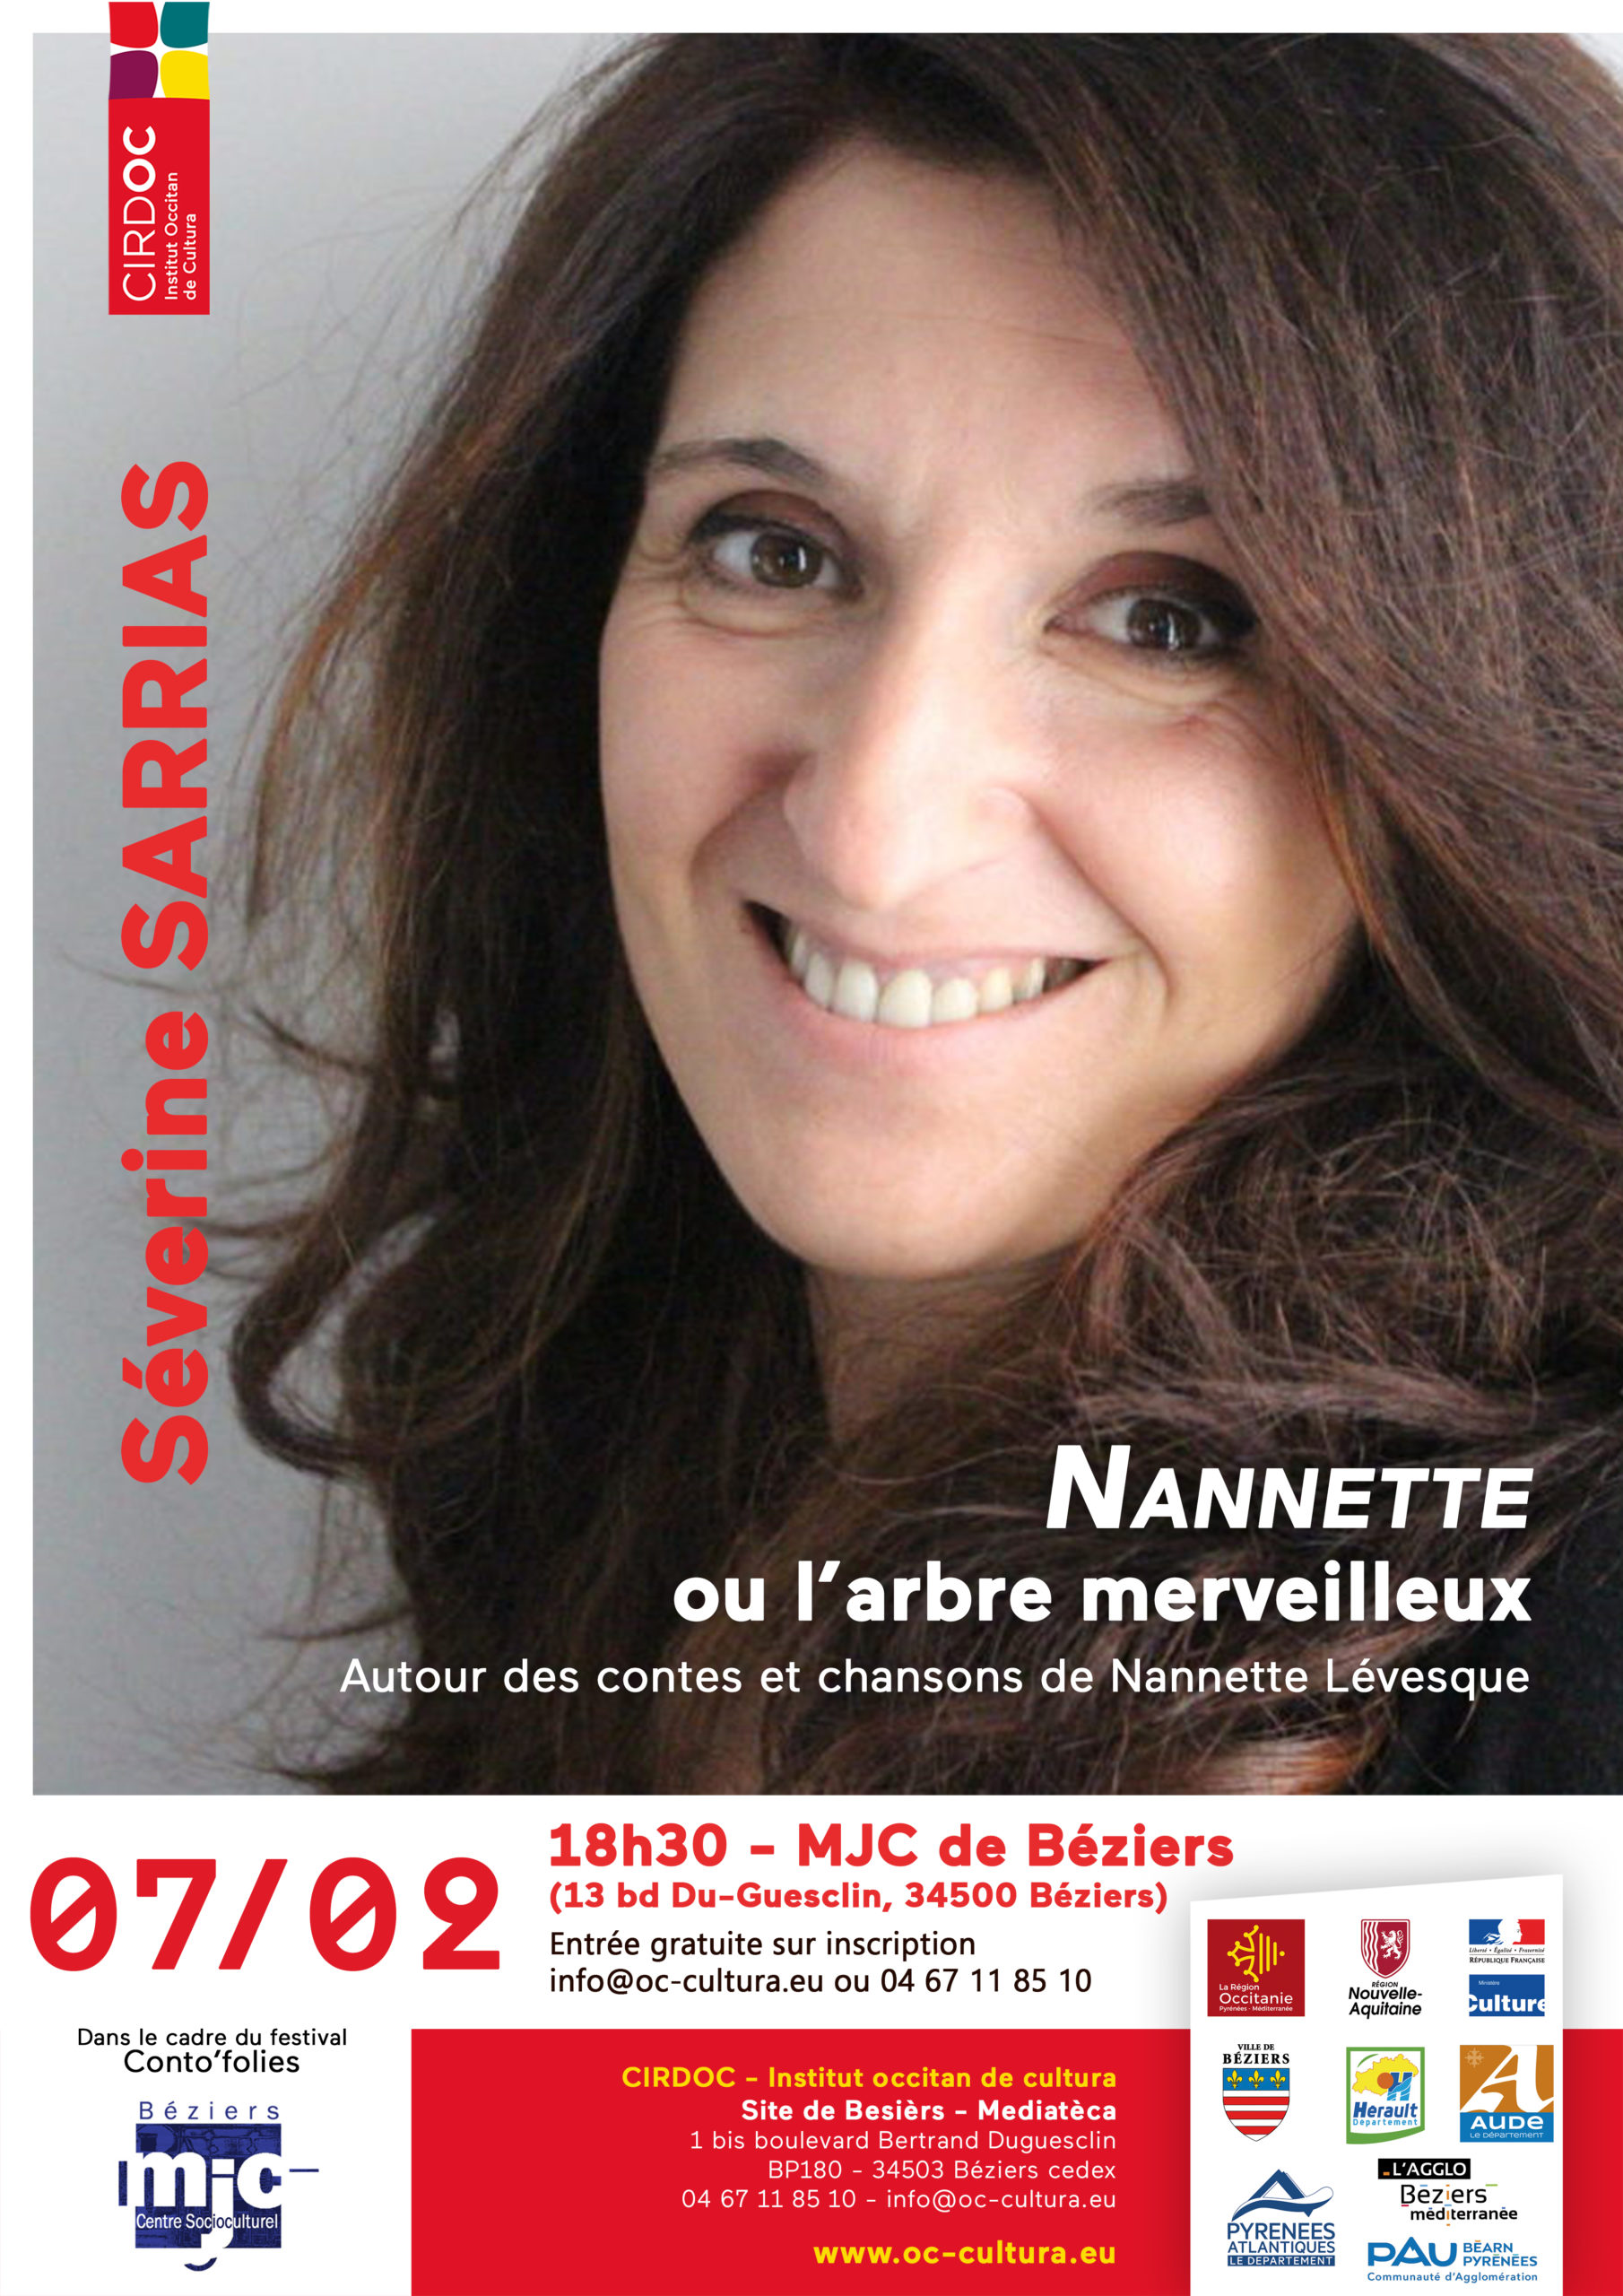 « Nannette ou l'arbre merveilleux » - Spectacle contes et chants